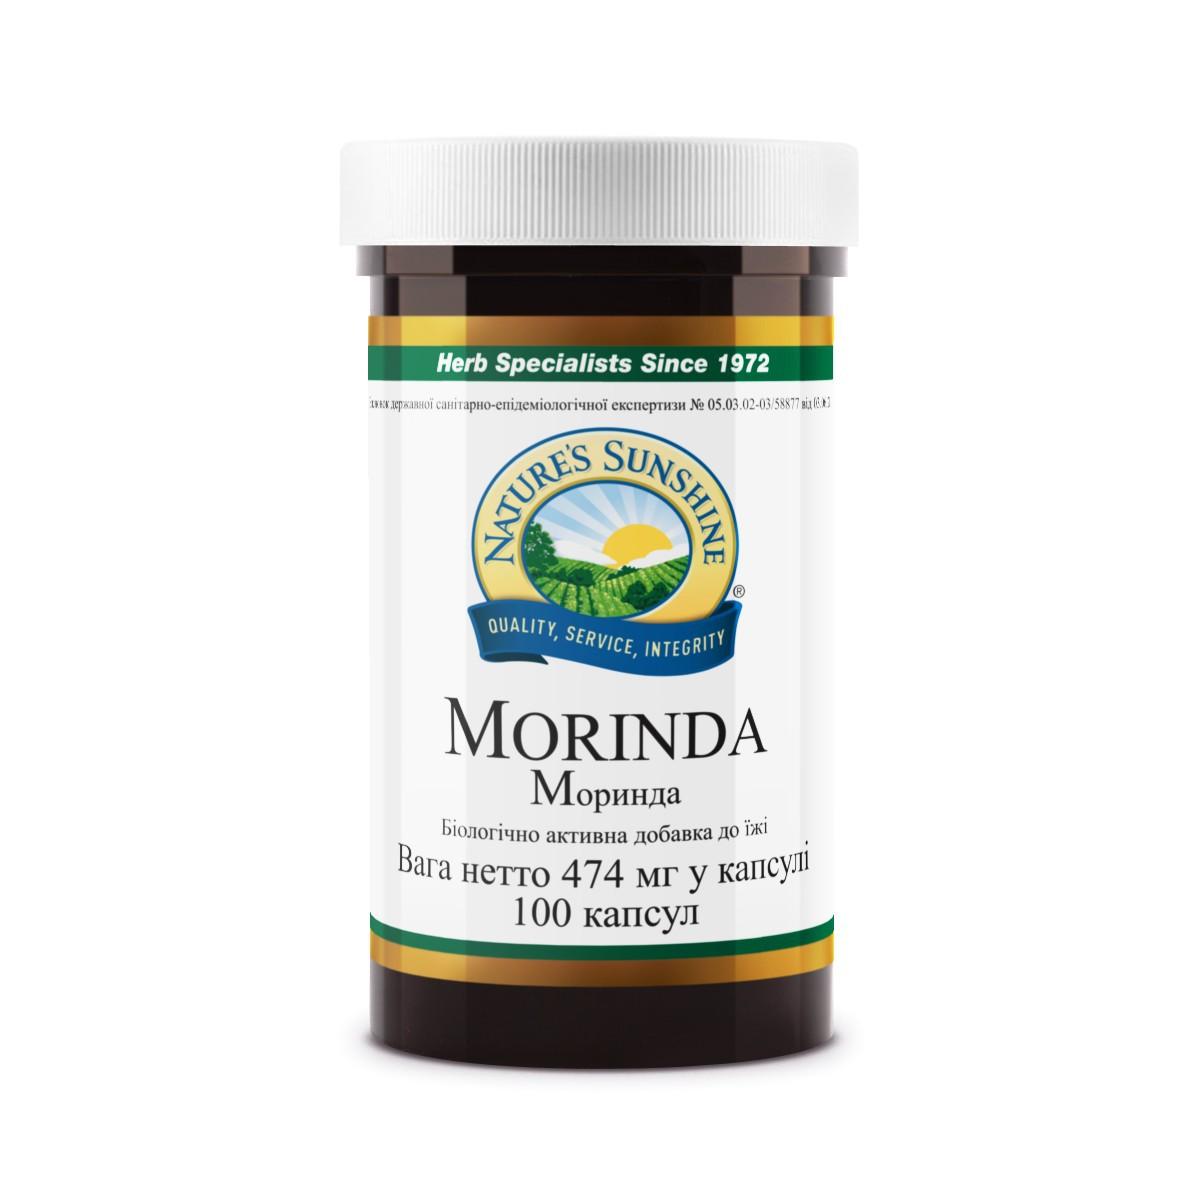 Morinda